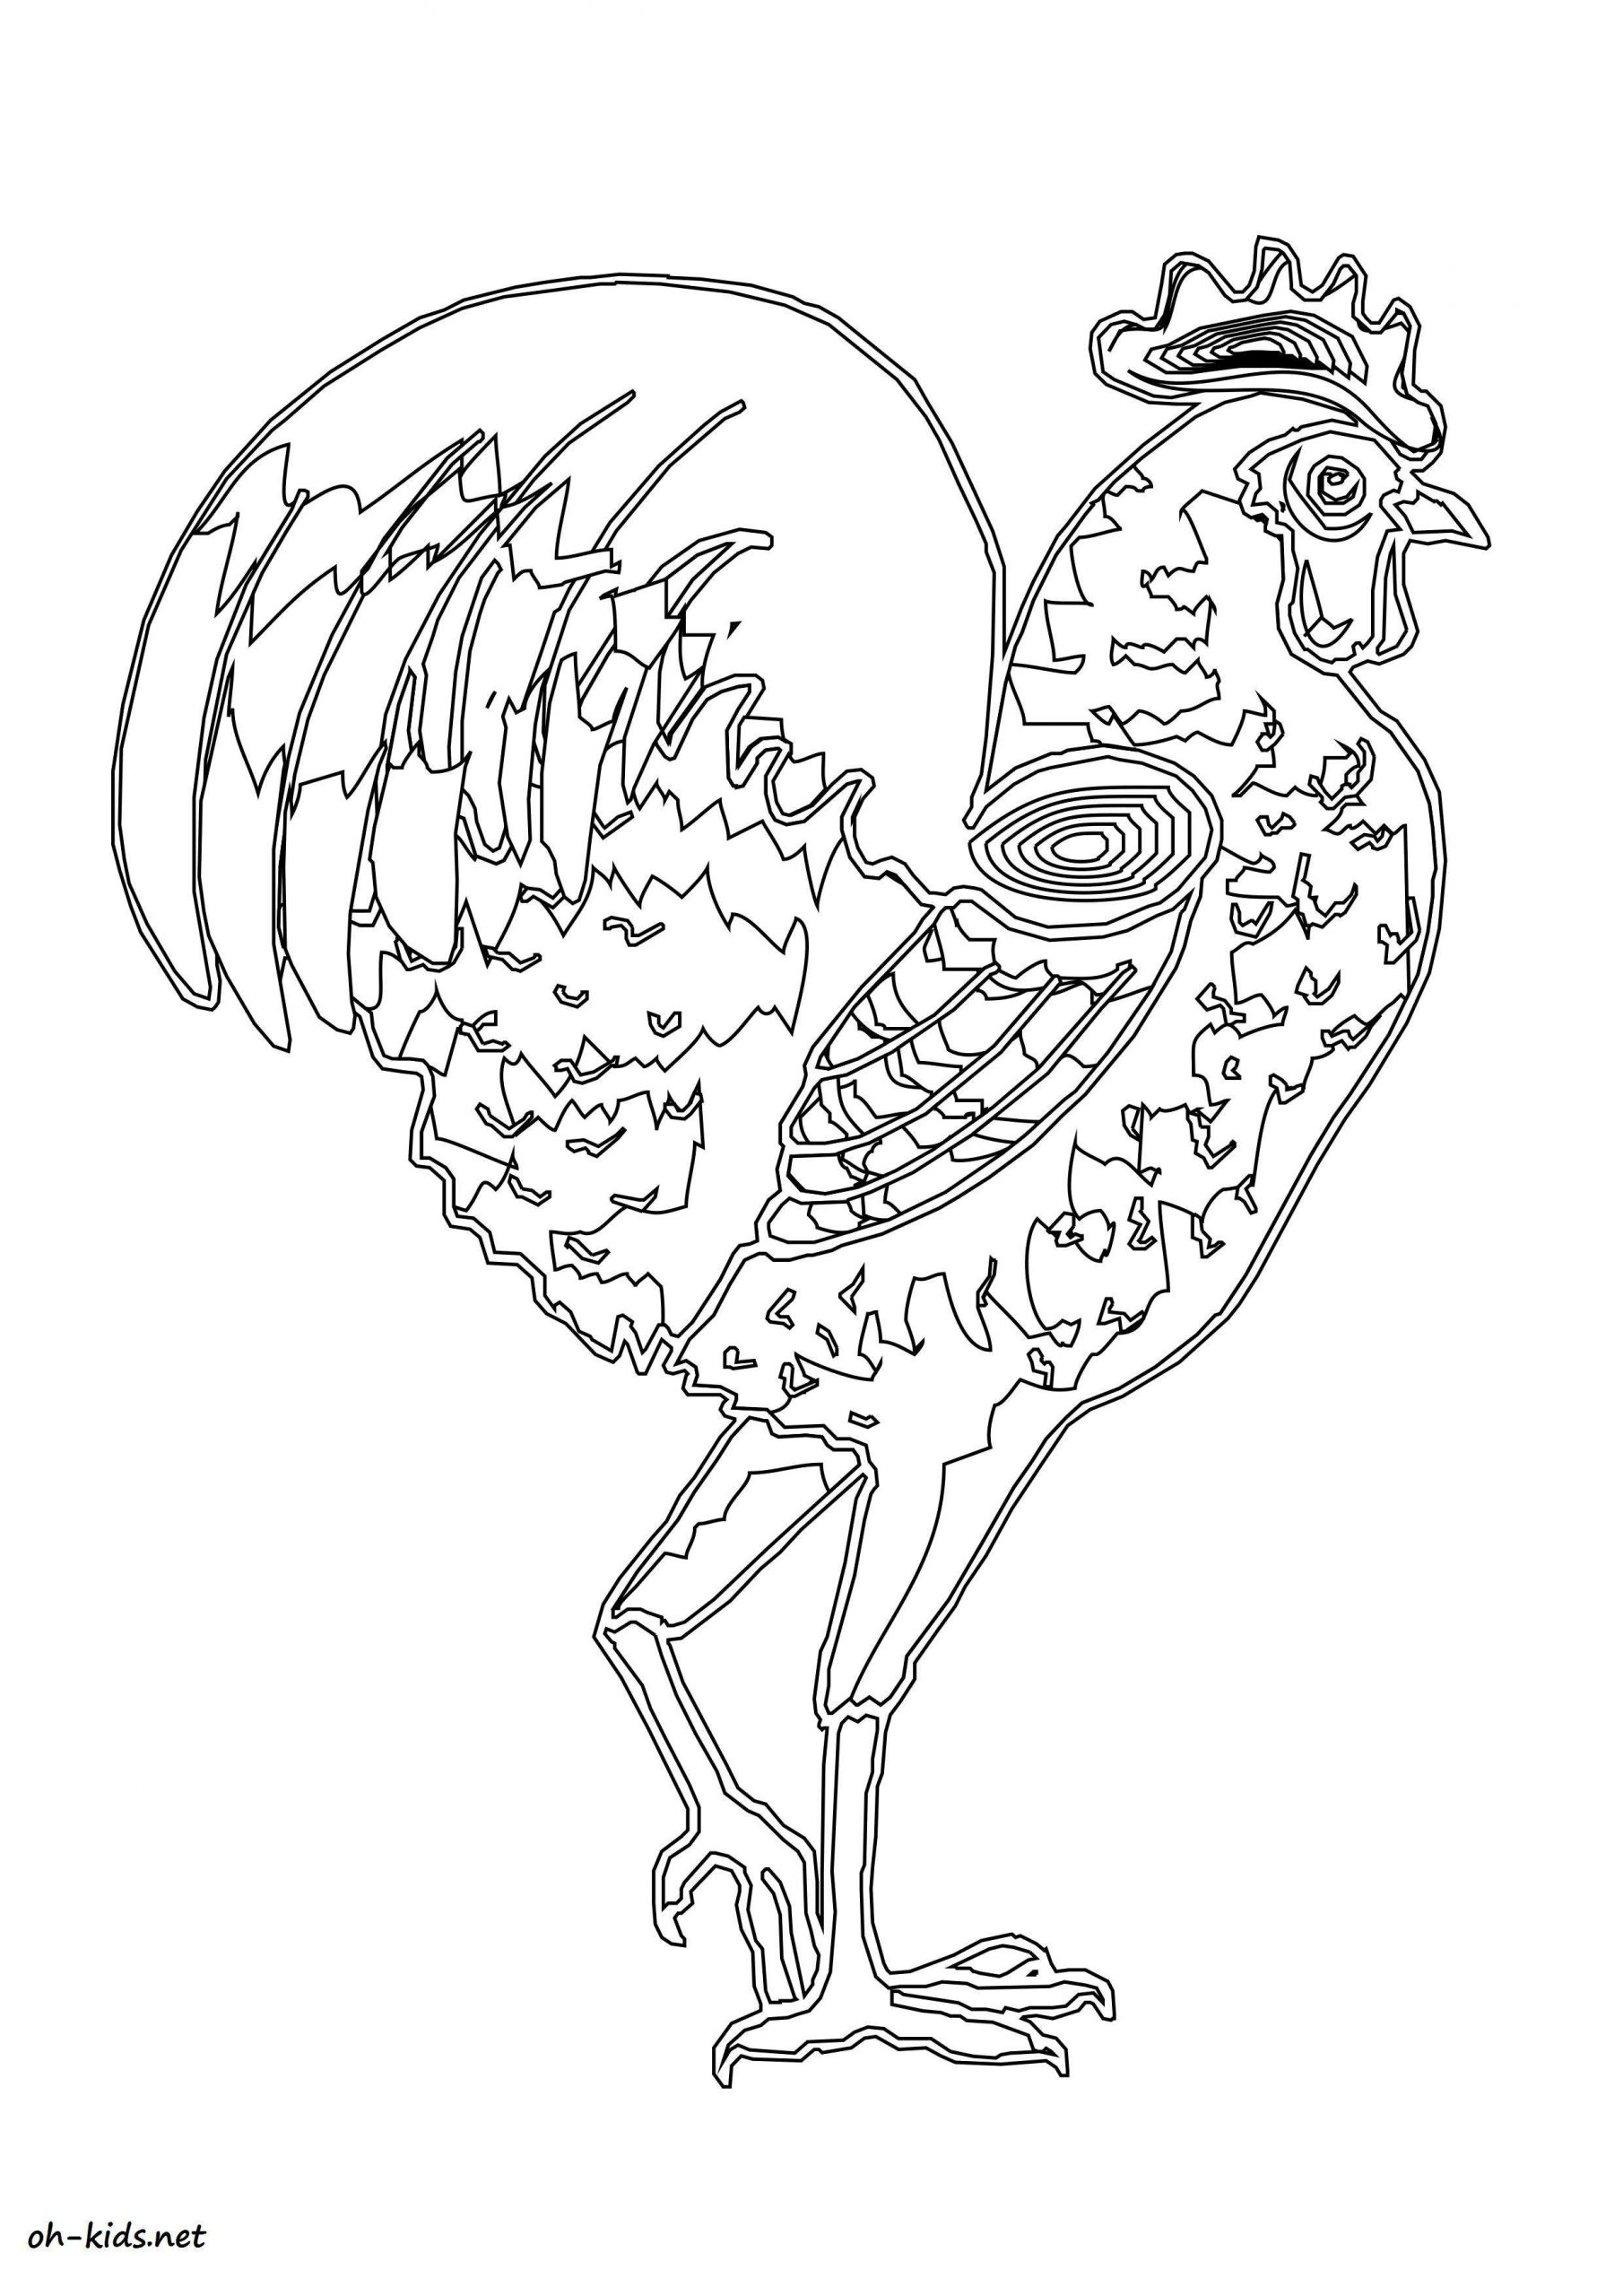 Dessin #1133 - Coloriage Animaux De La Ferme À Imprimer - Oh encequiconcerne Dessin Animaux De La Ferme À Imprimer